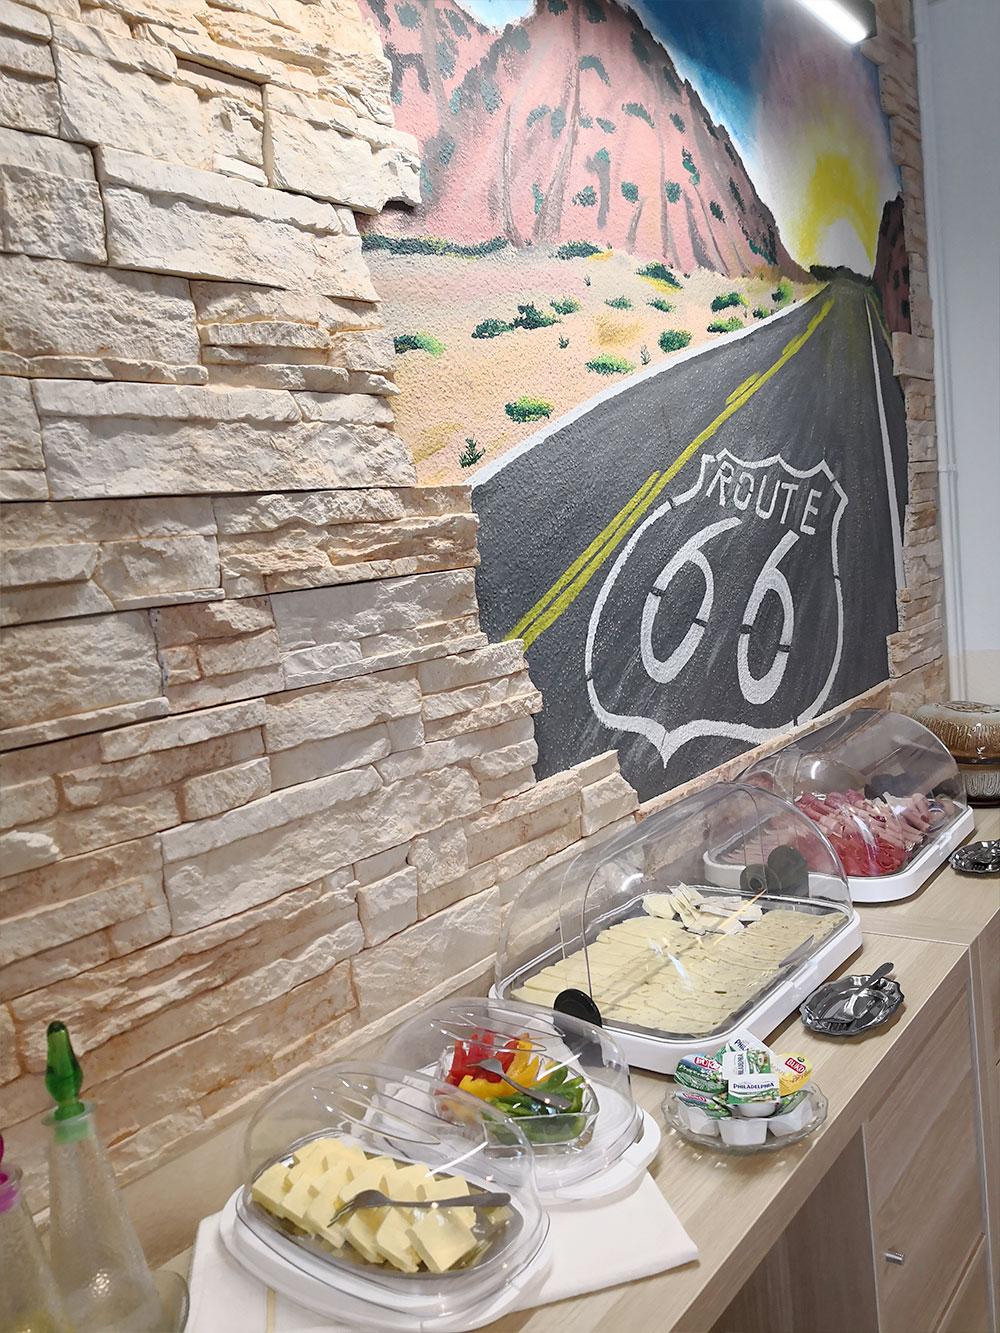 Frühstücksbuffet mit Käseaufschnitt